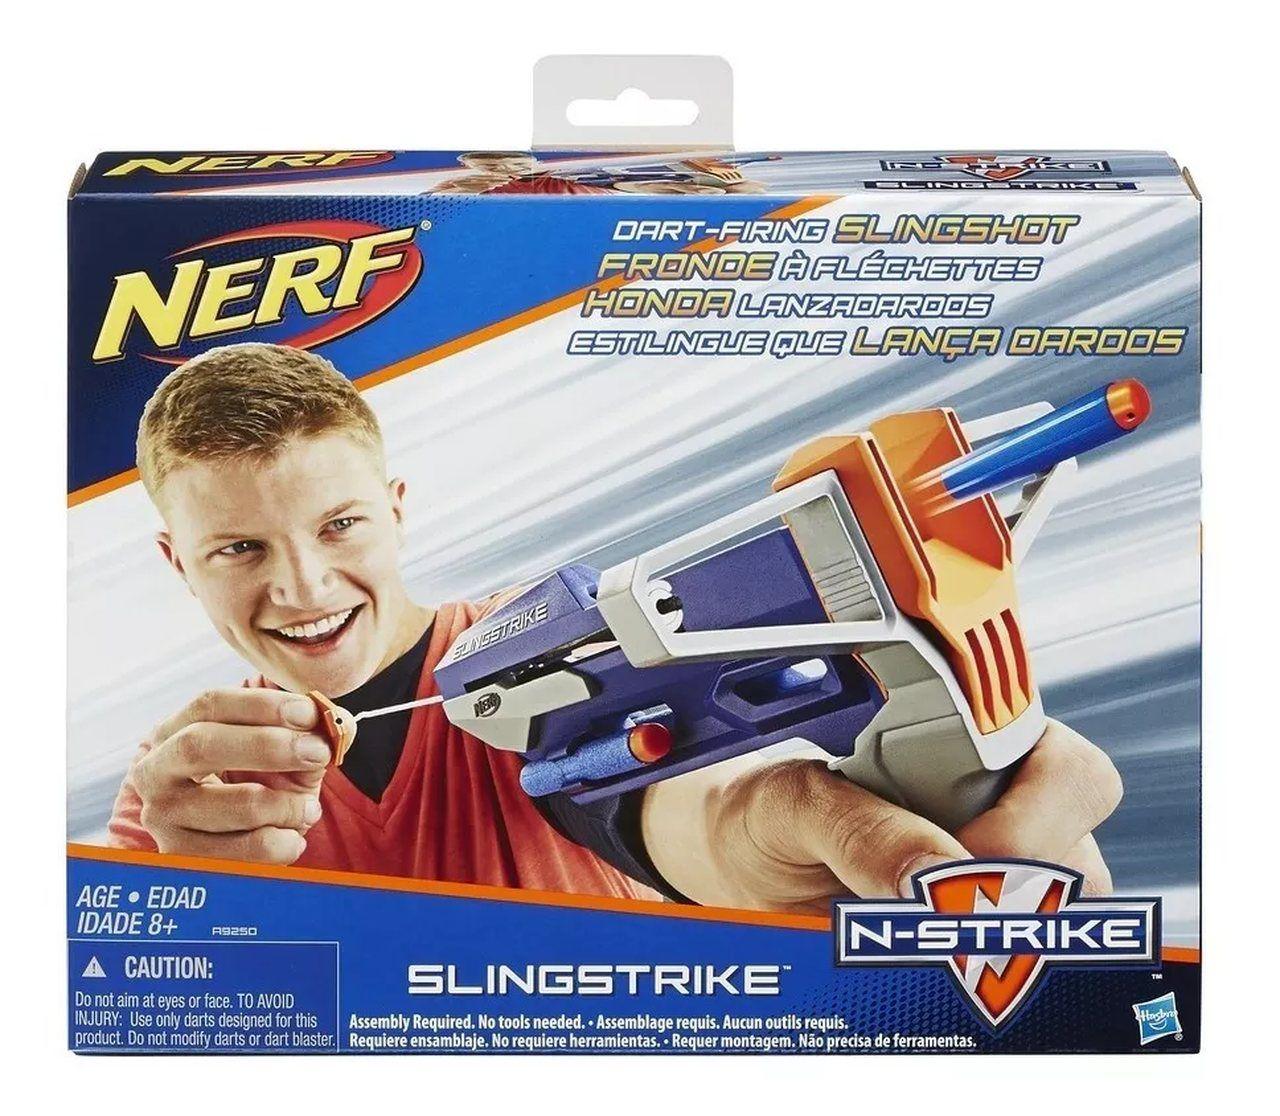 Nerf N-strike Elite - Slingshock Slingstrike - Hasbro A9250